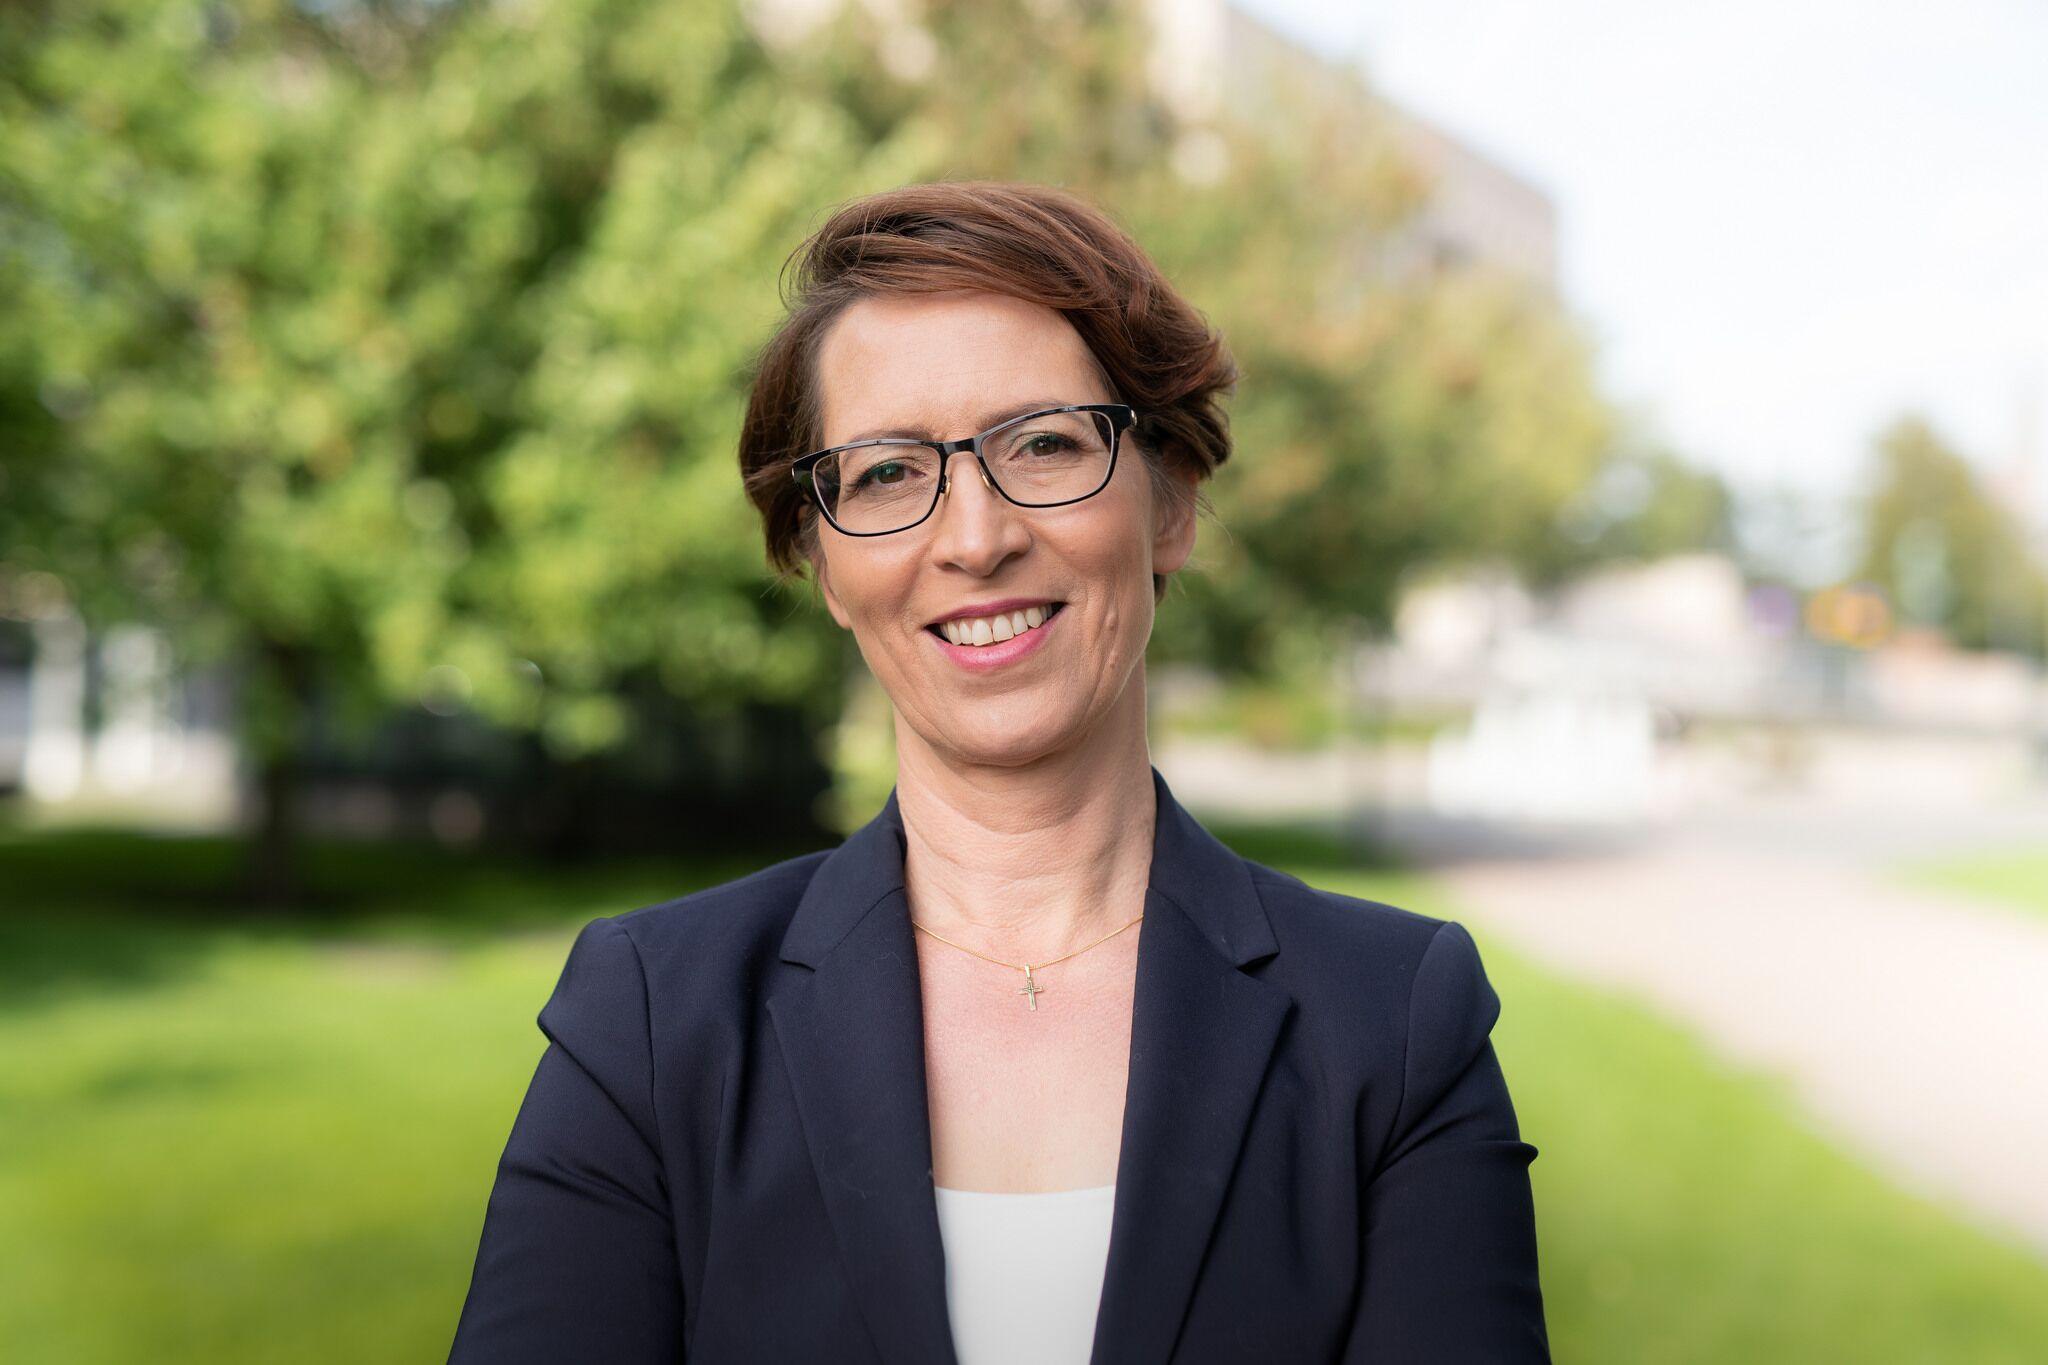 Eduskuntavaalit 2021 Ehdokkaat Vaasan Vaalipiiri